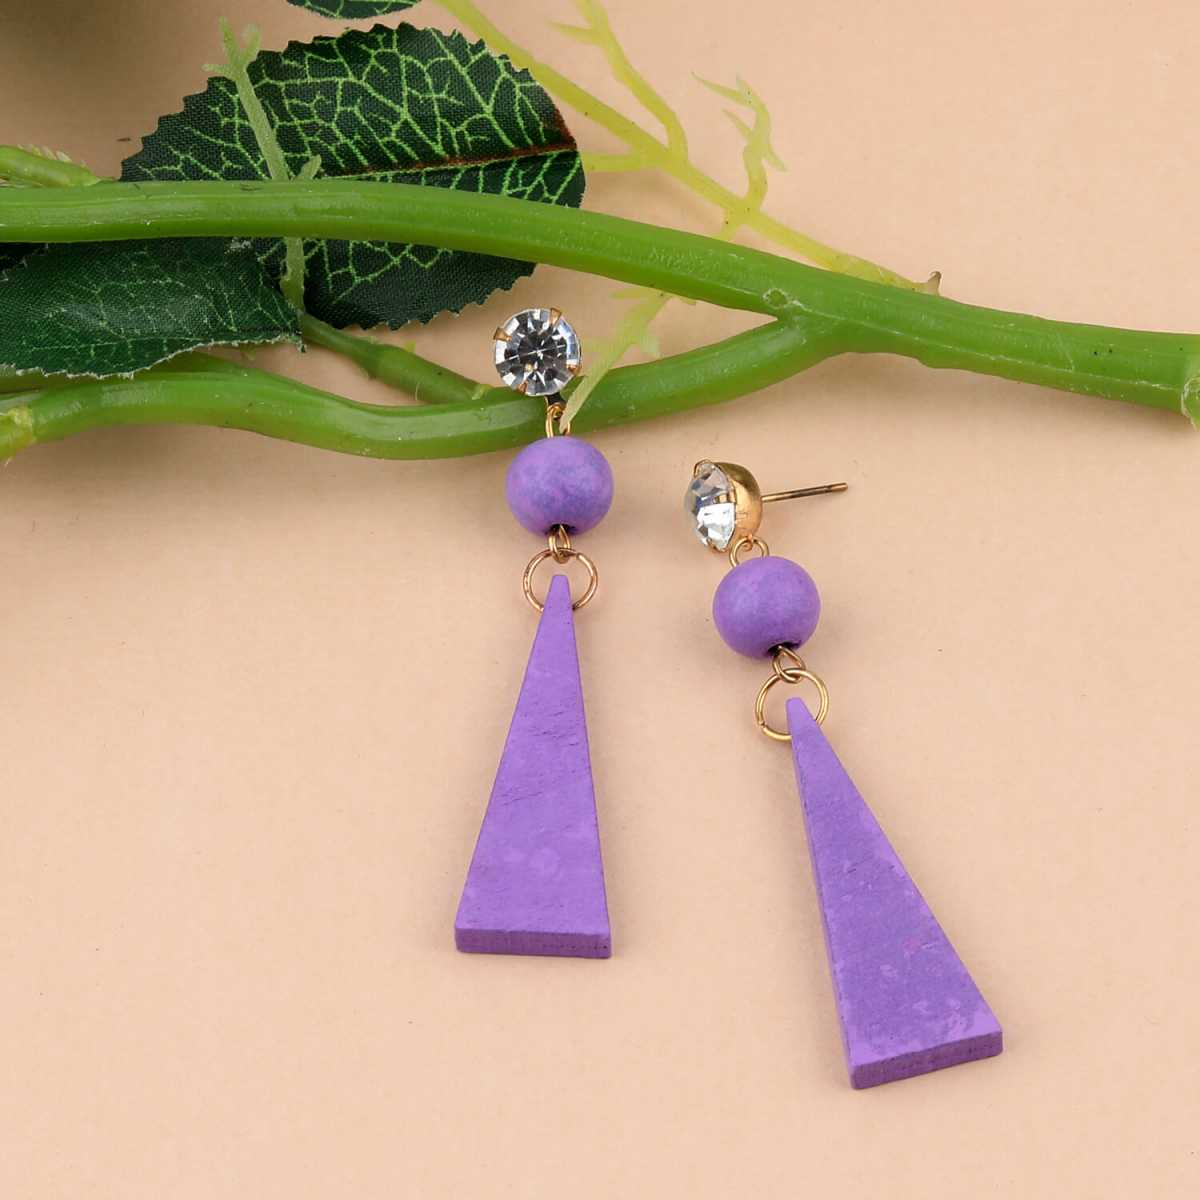 SILVER SHINE Designer Dangler Diamond Purple Wooden Light Weight Earrings for Girls and Women.